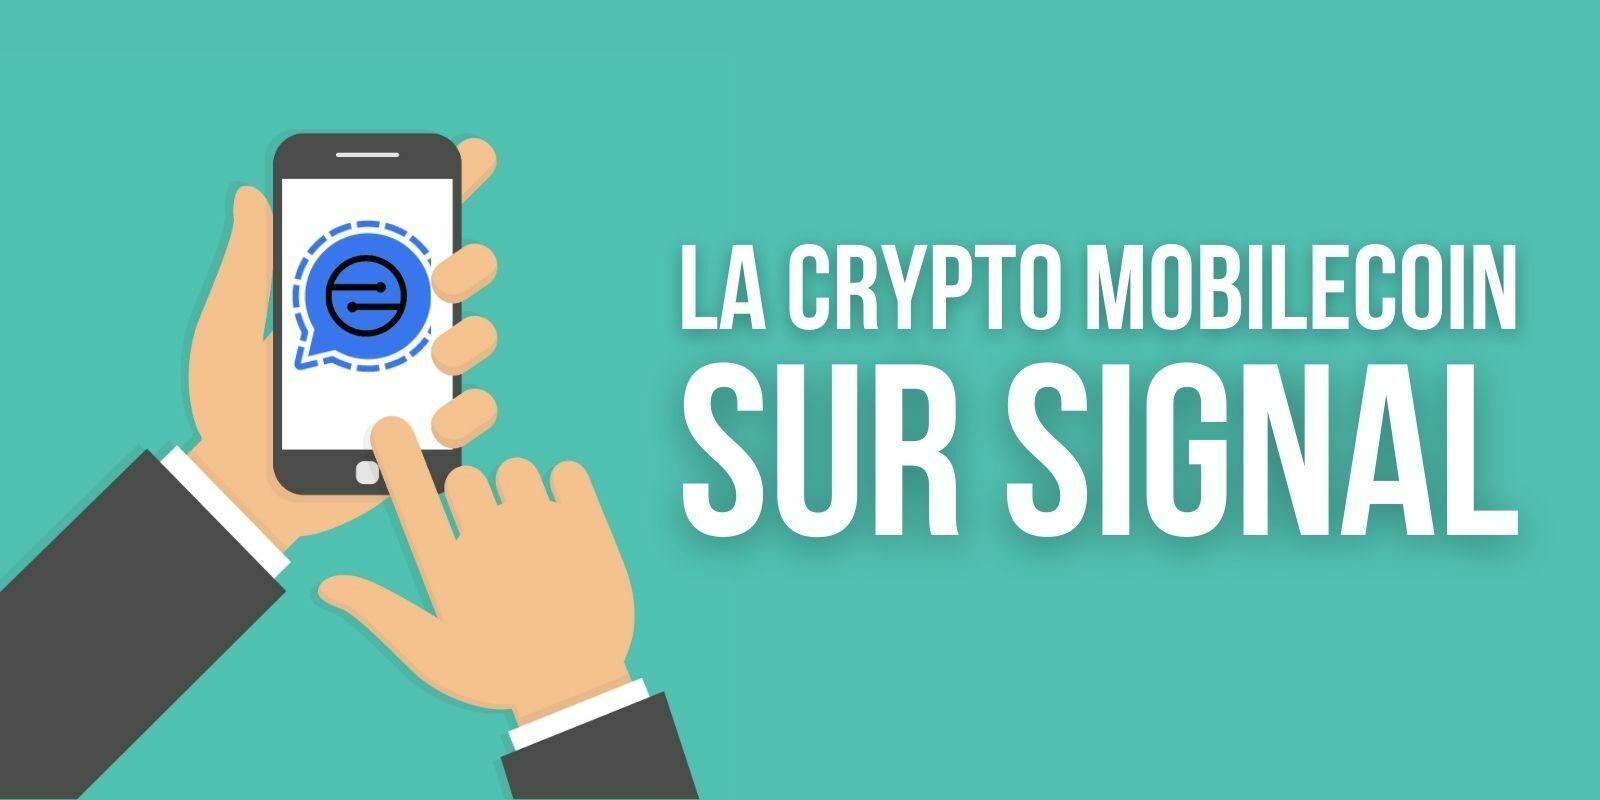 La messagerie Signal propose l'envoi anonyme de cryptomonnaie MOB